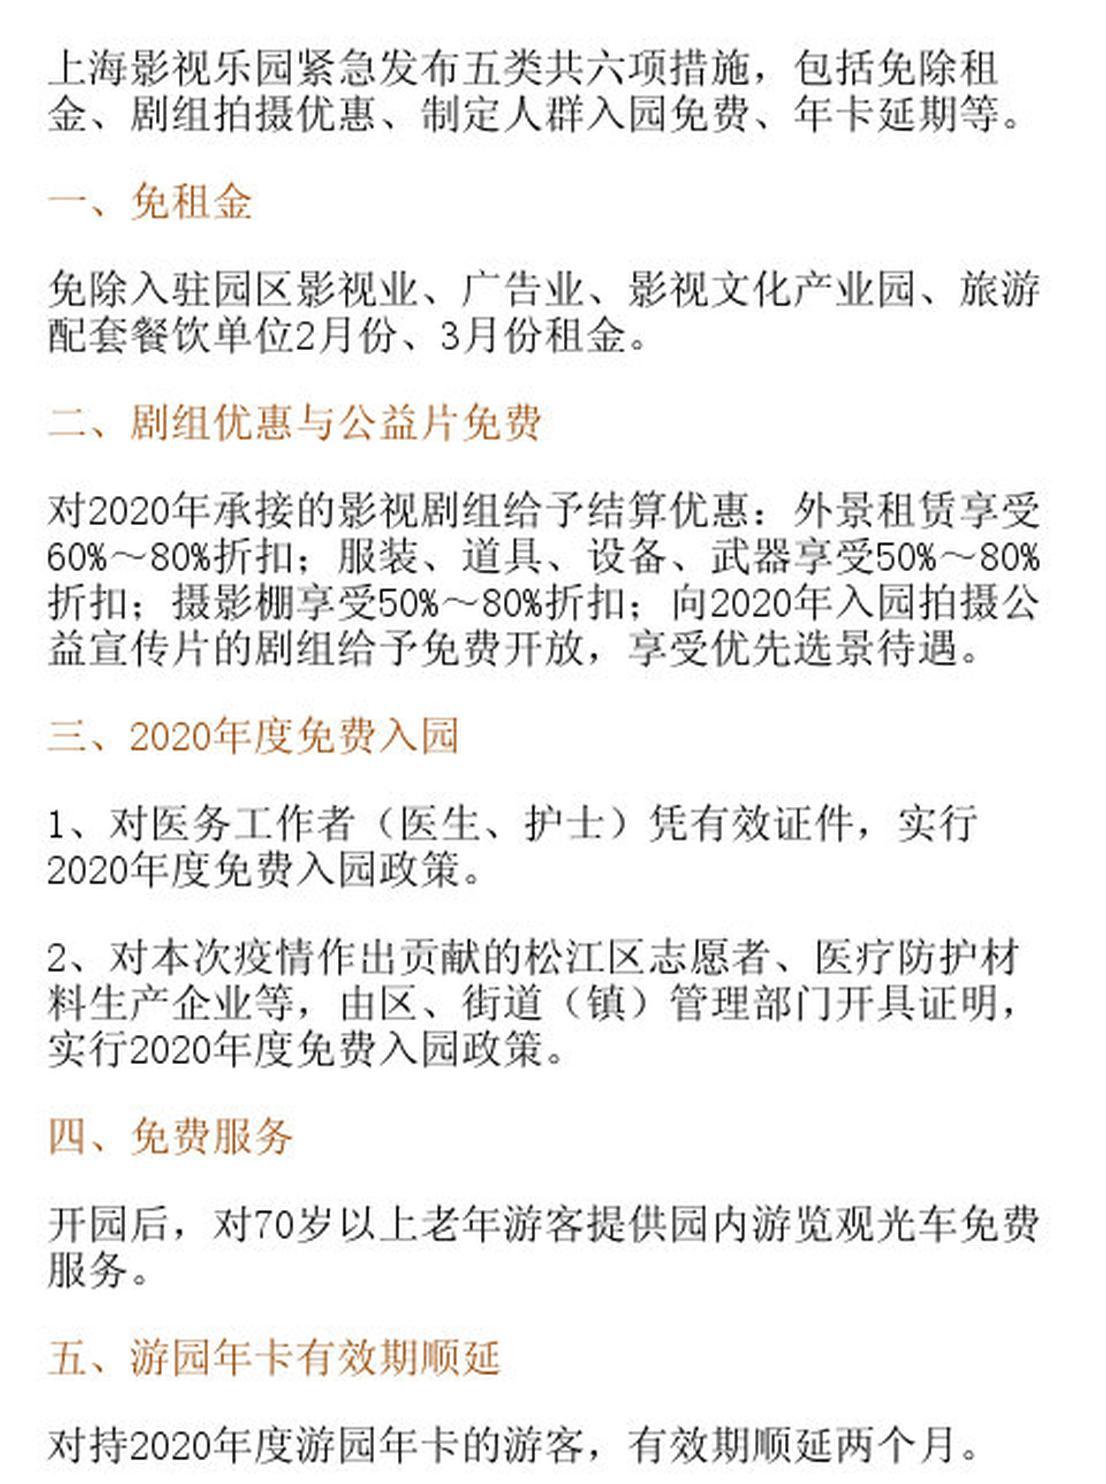 上海影视笑园6项措施共克时艰